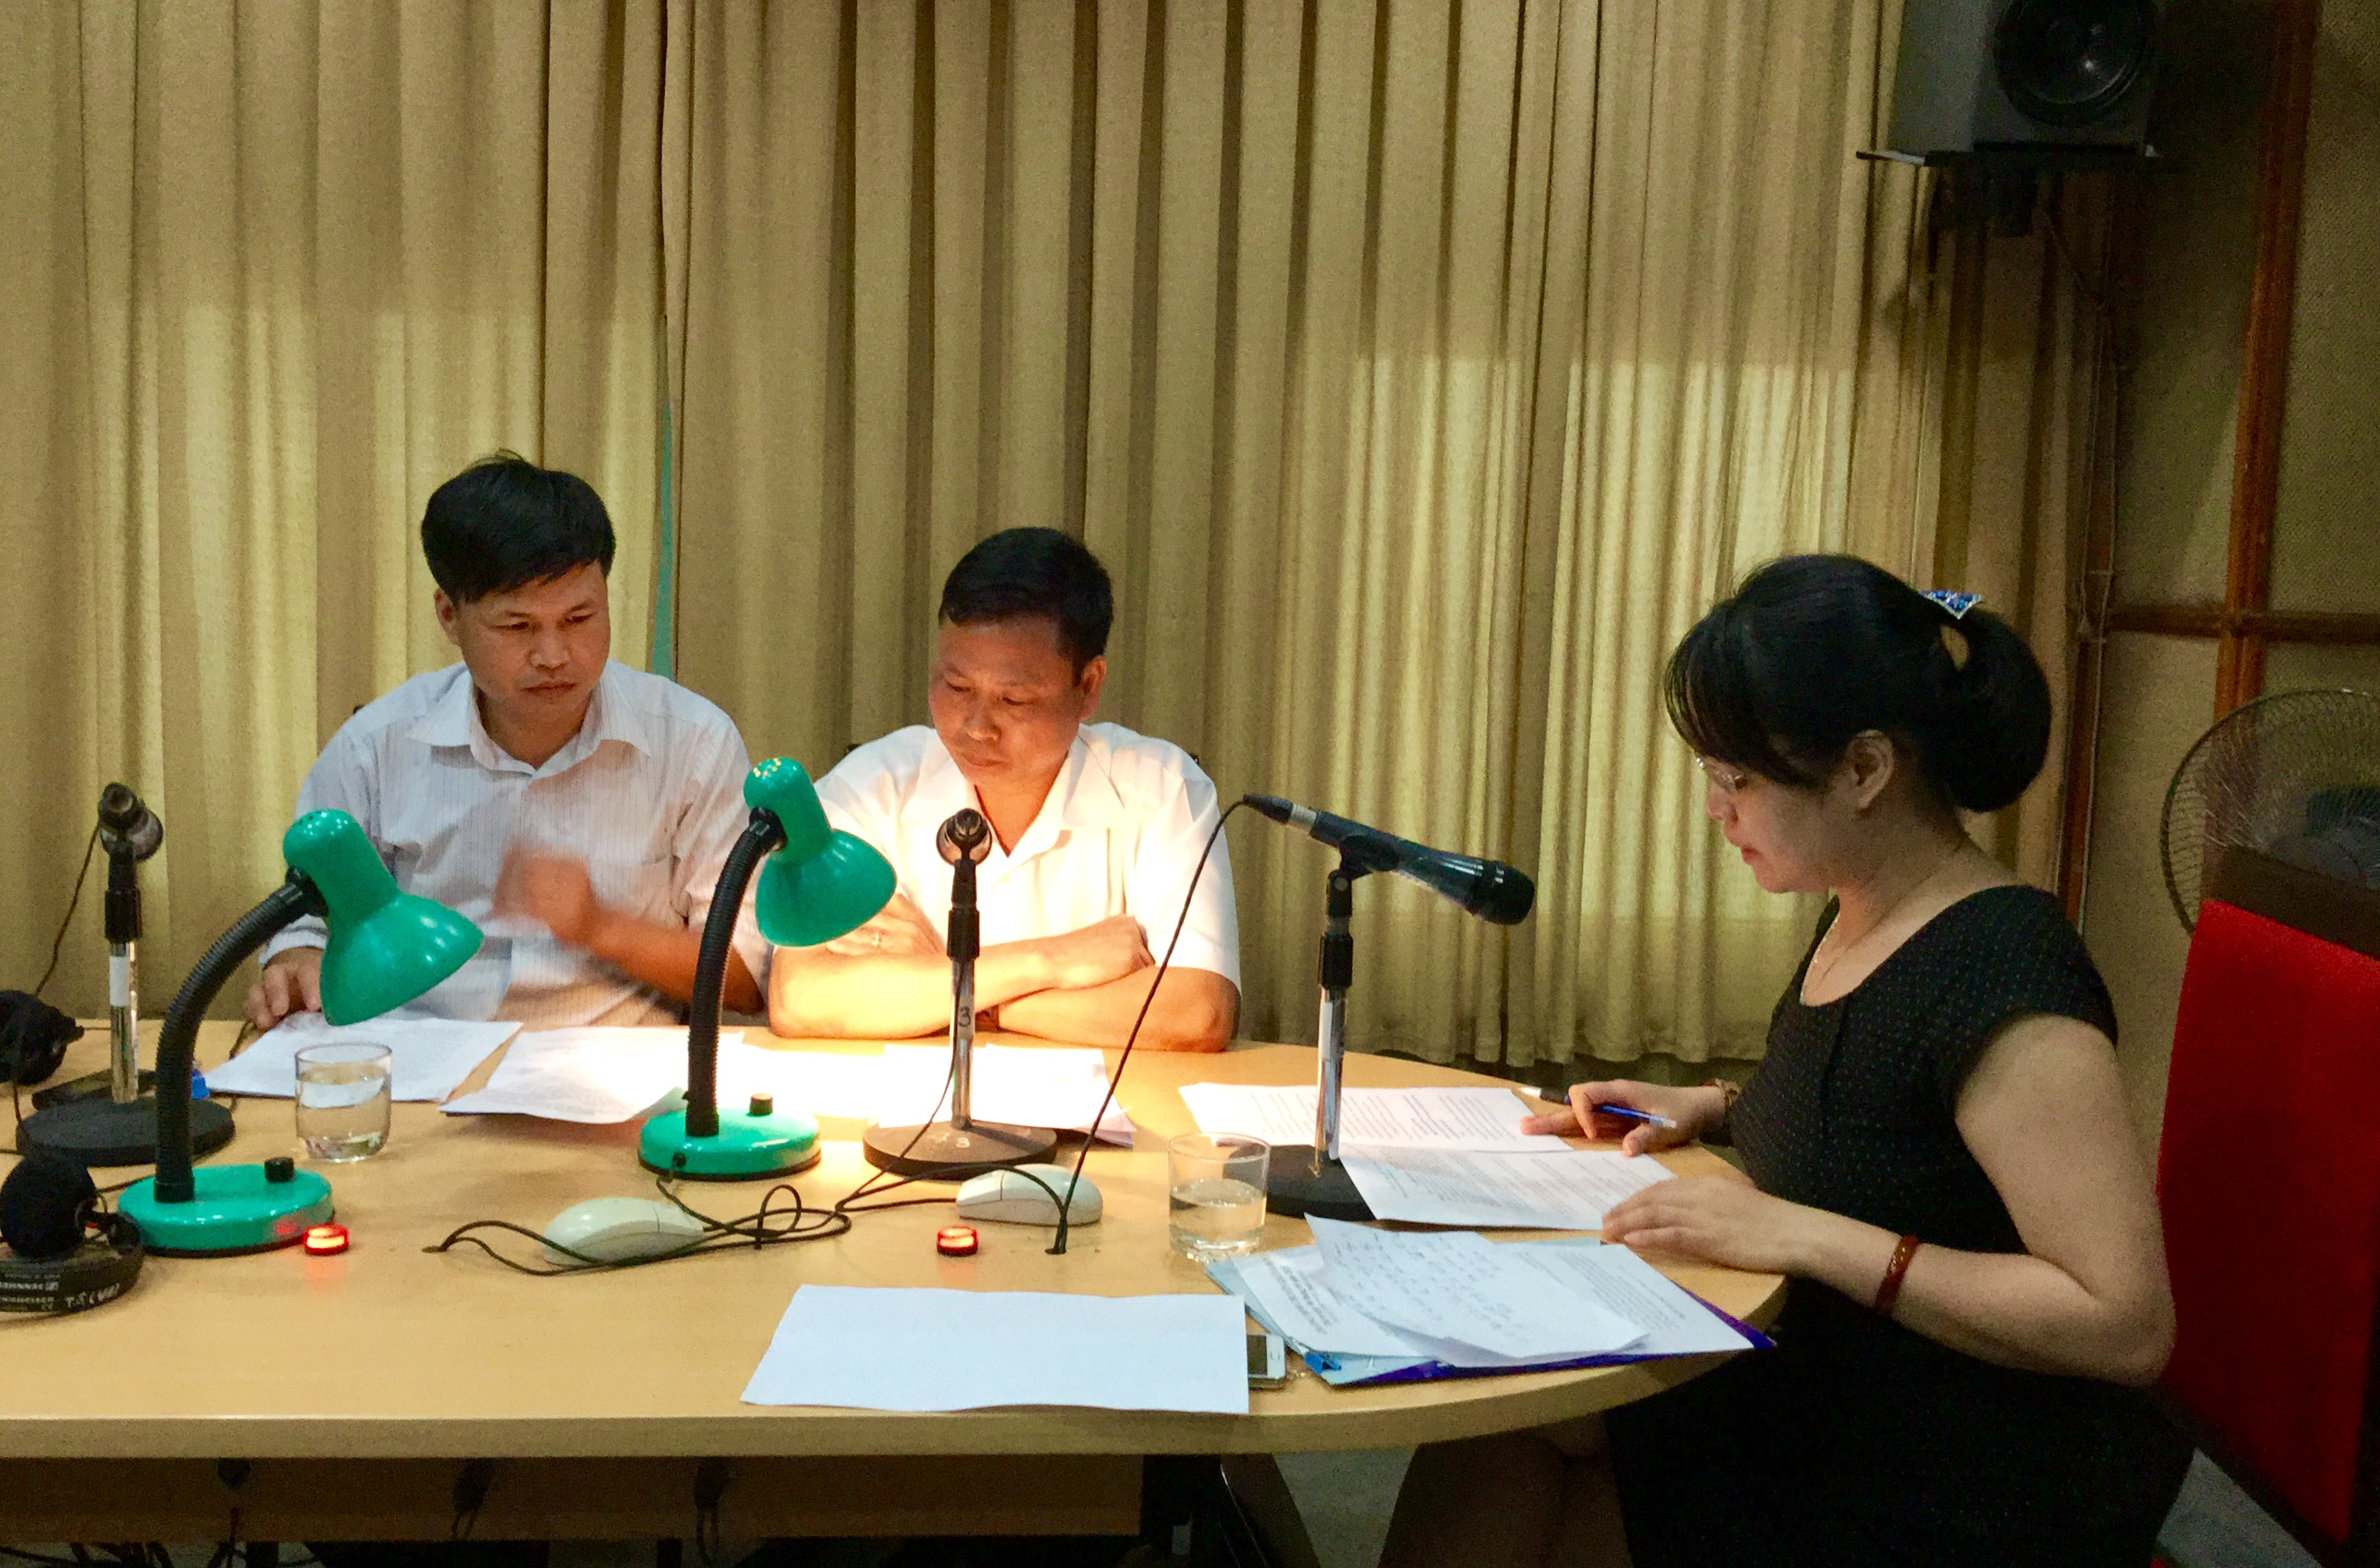 Chuyên gia của bạn ngày 06/5/2015: Nâng tầm đặc sản Gà đồi Phú Bình nhờ đăng ký quyền sở hữu trí tuệ.